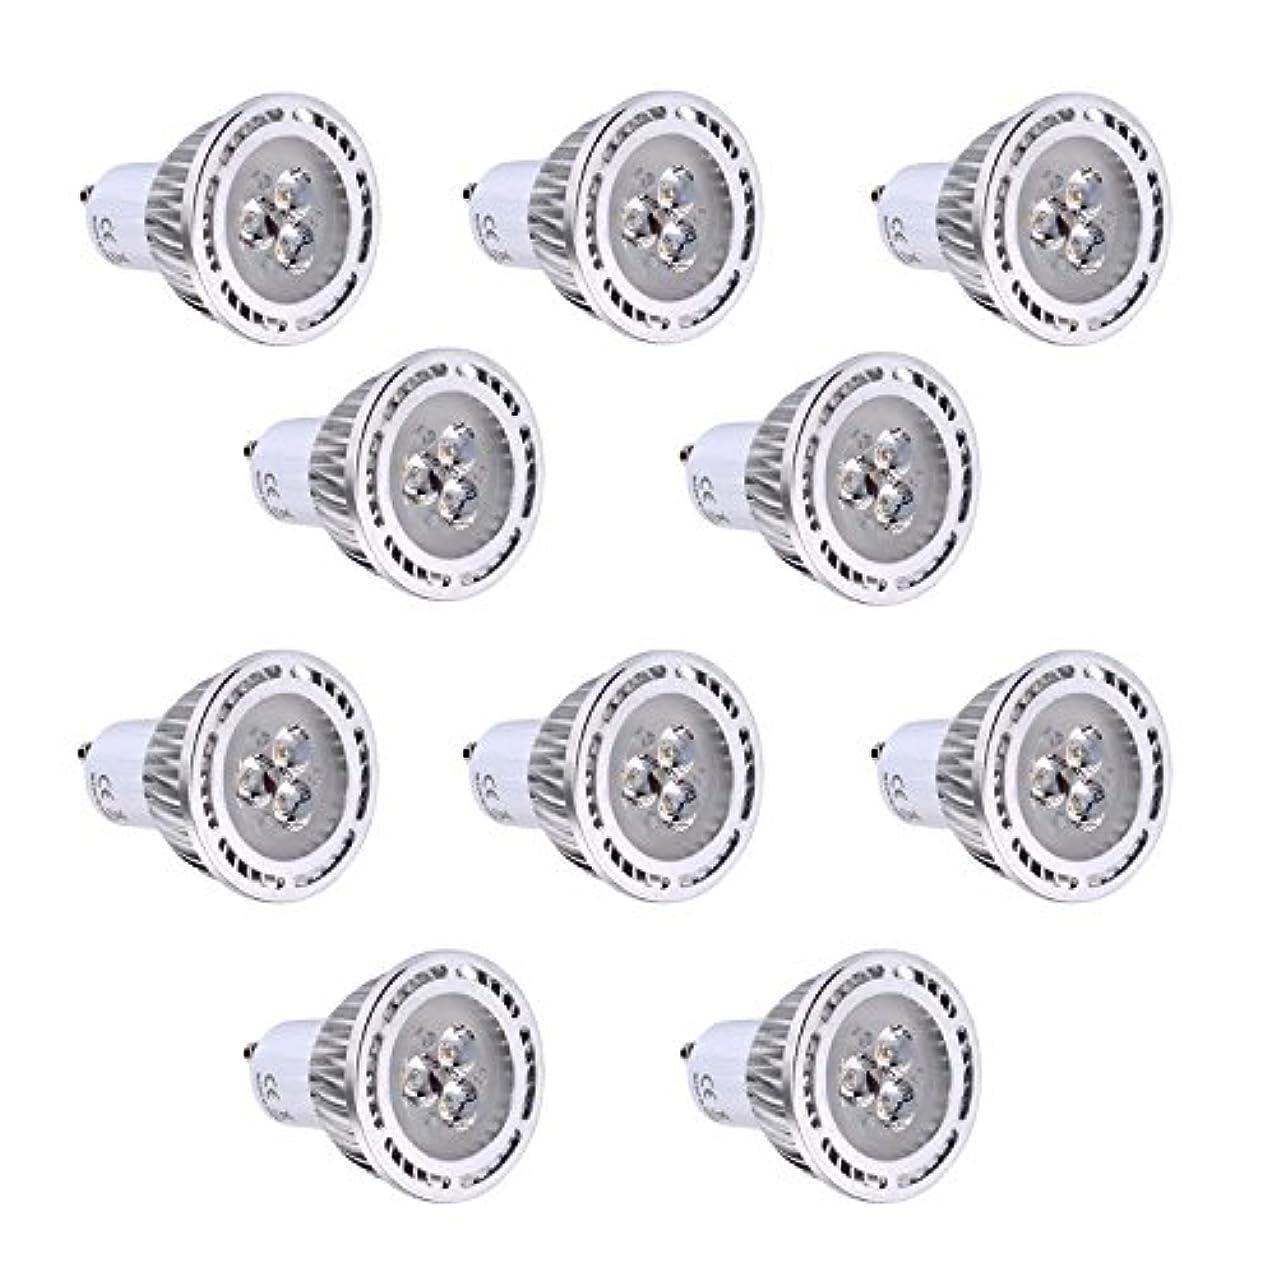 フォージ愛人発音するGU10 3W SMD 3030 200-300 LMウォームホワイト/クールホワイトクリアLEDスポットライトAC 85-265V AC 220-240V AC 110-130V(10個) (色 : 110-130V, サイズ : 暖かい白)